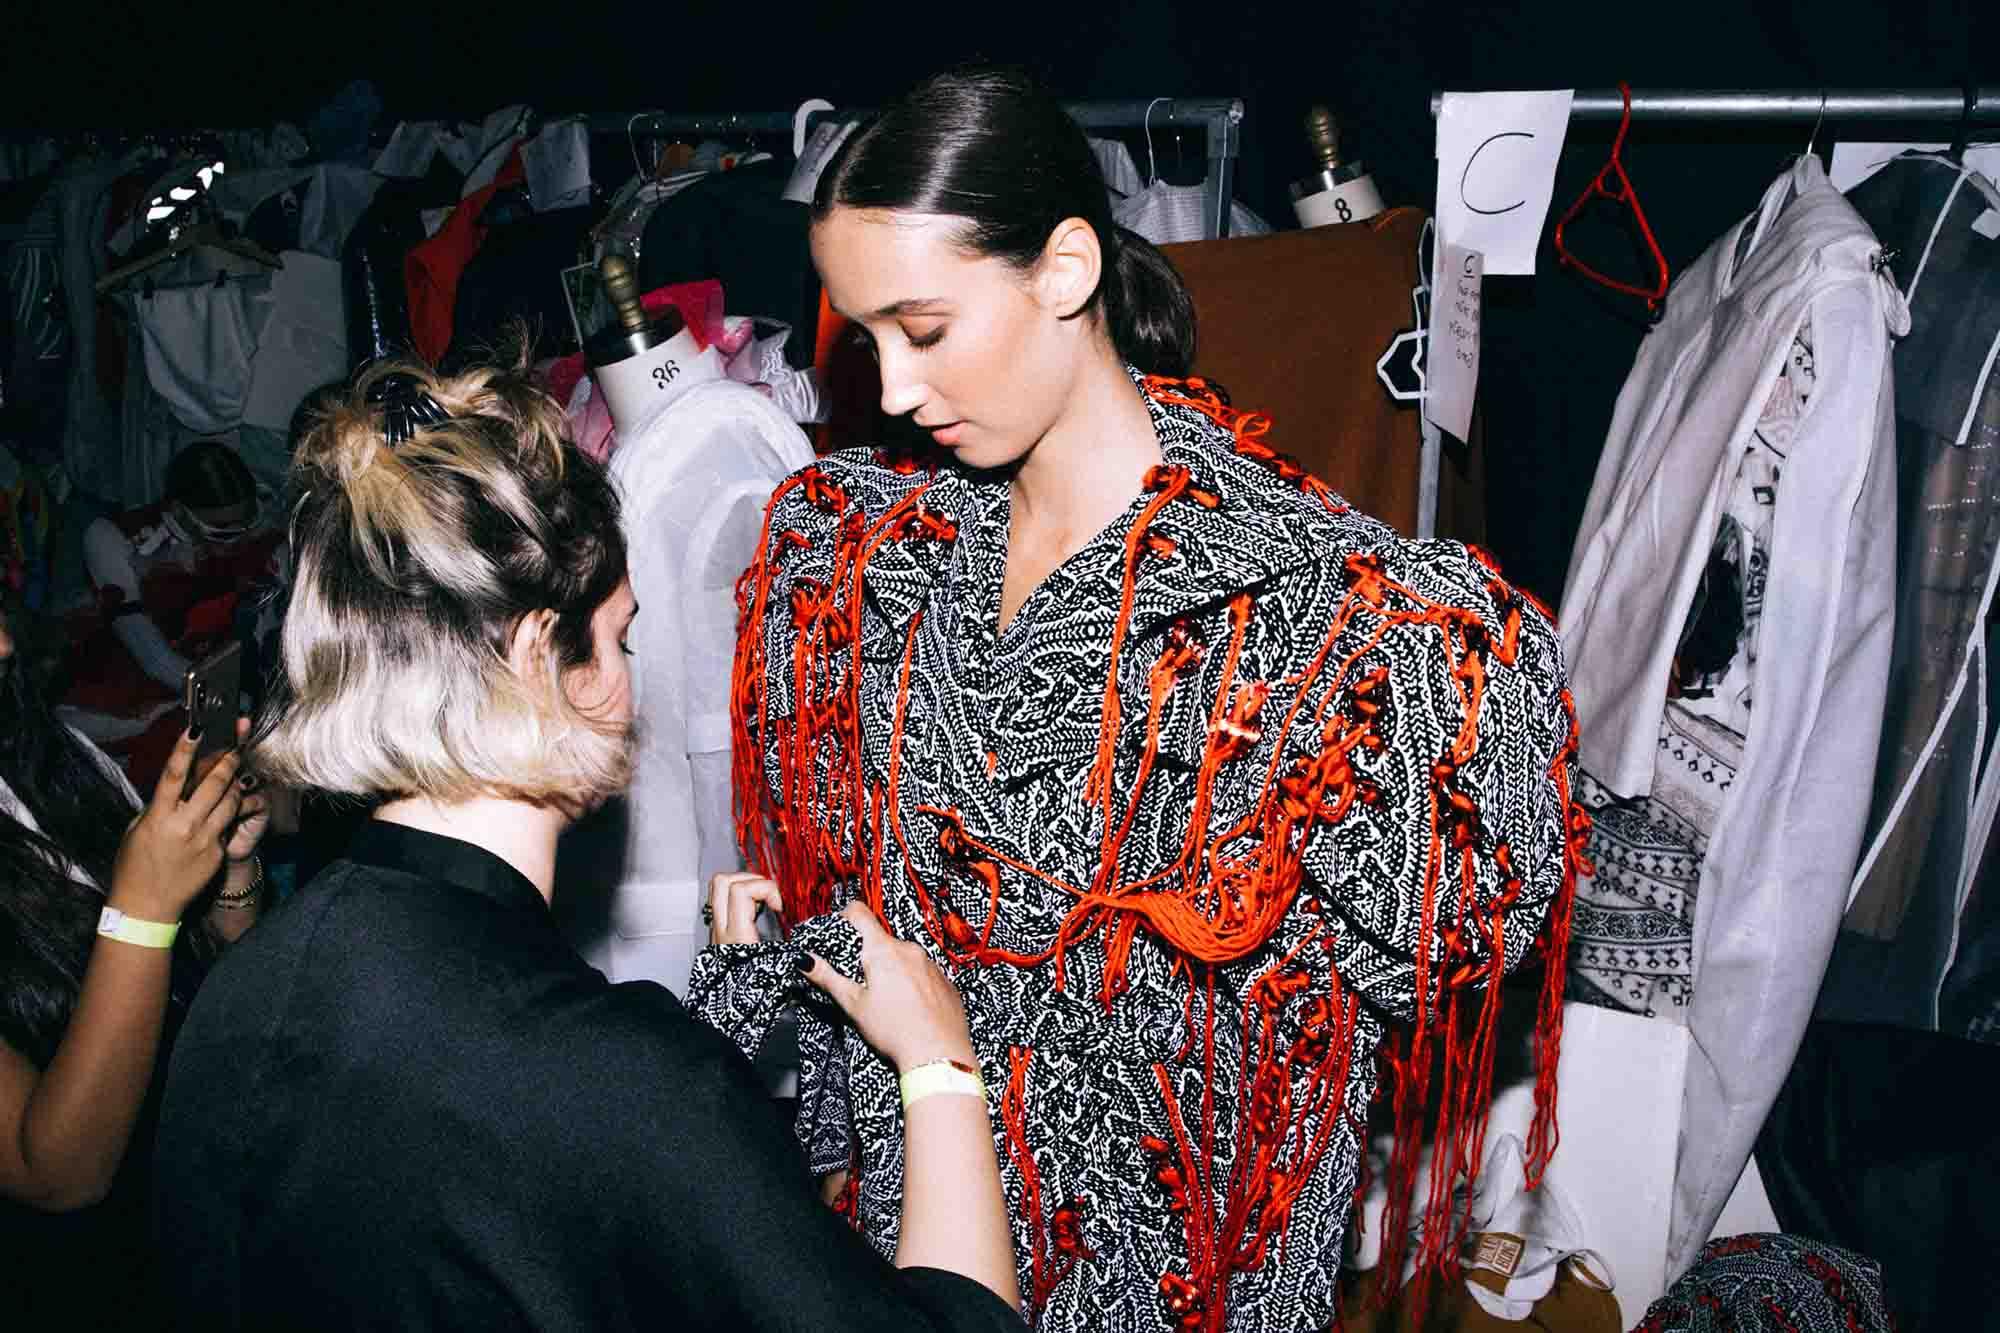 אופנה, חדשות אופנה, כתבות אפנה, שנקר 2019, צילום עדי סגל, רותם שאול , Backstage_at_Shenkar_fashion_show_2019._Photo_Adi_Segal_-_Rotem_Shaul_collection_(3) -